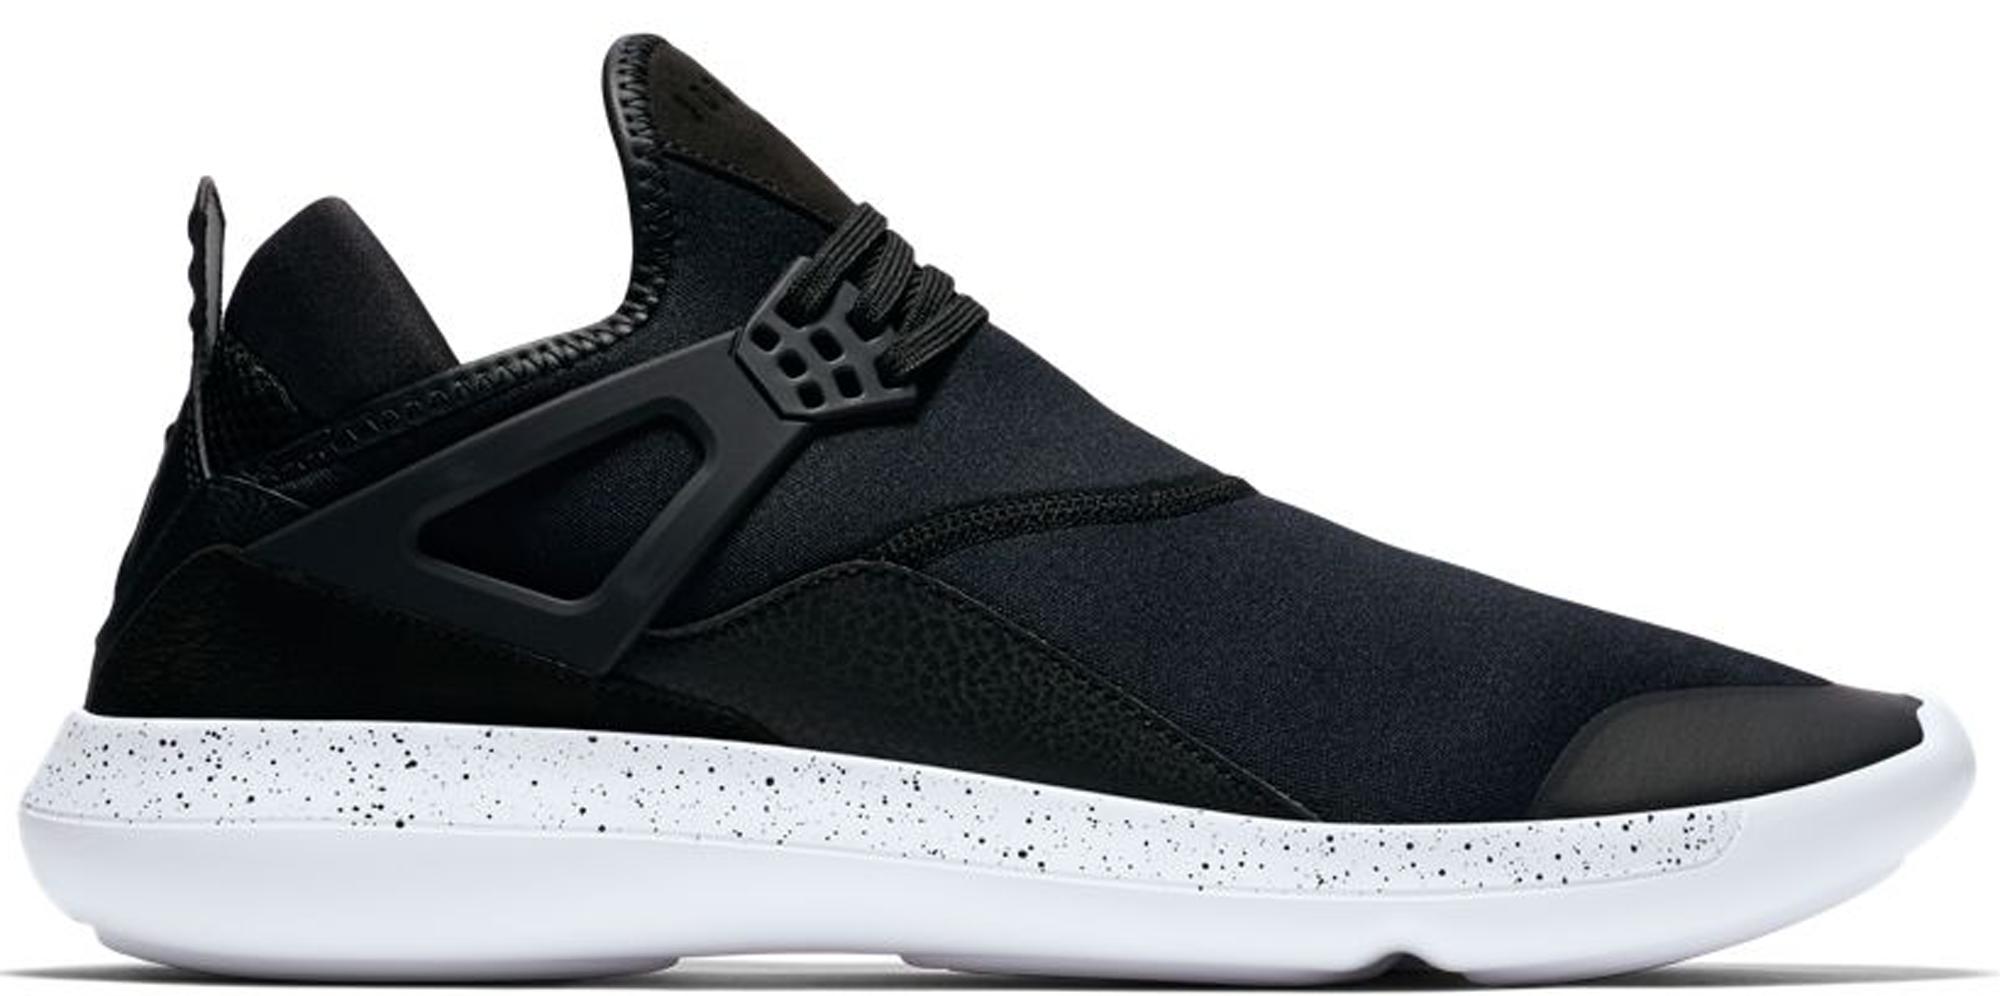 Jordan Fly 89 Black White - 940267-010